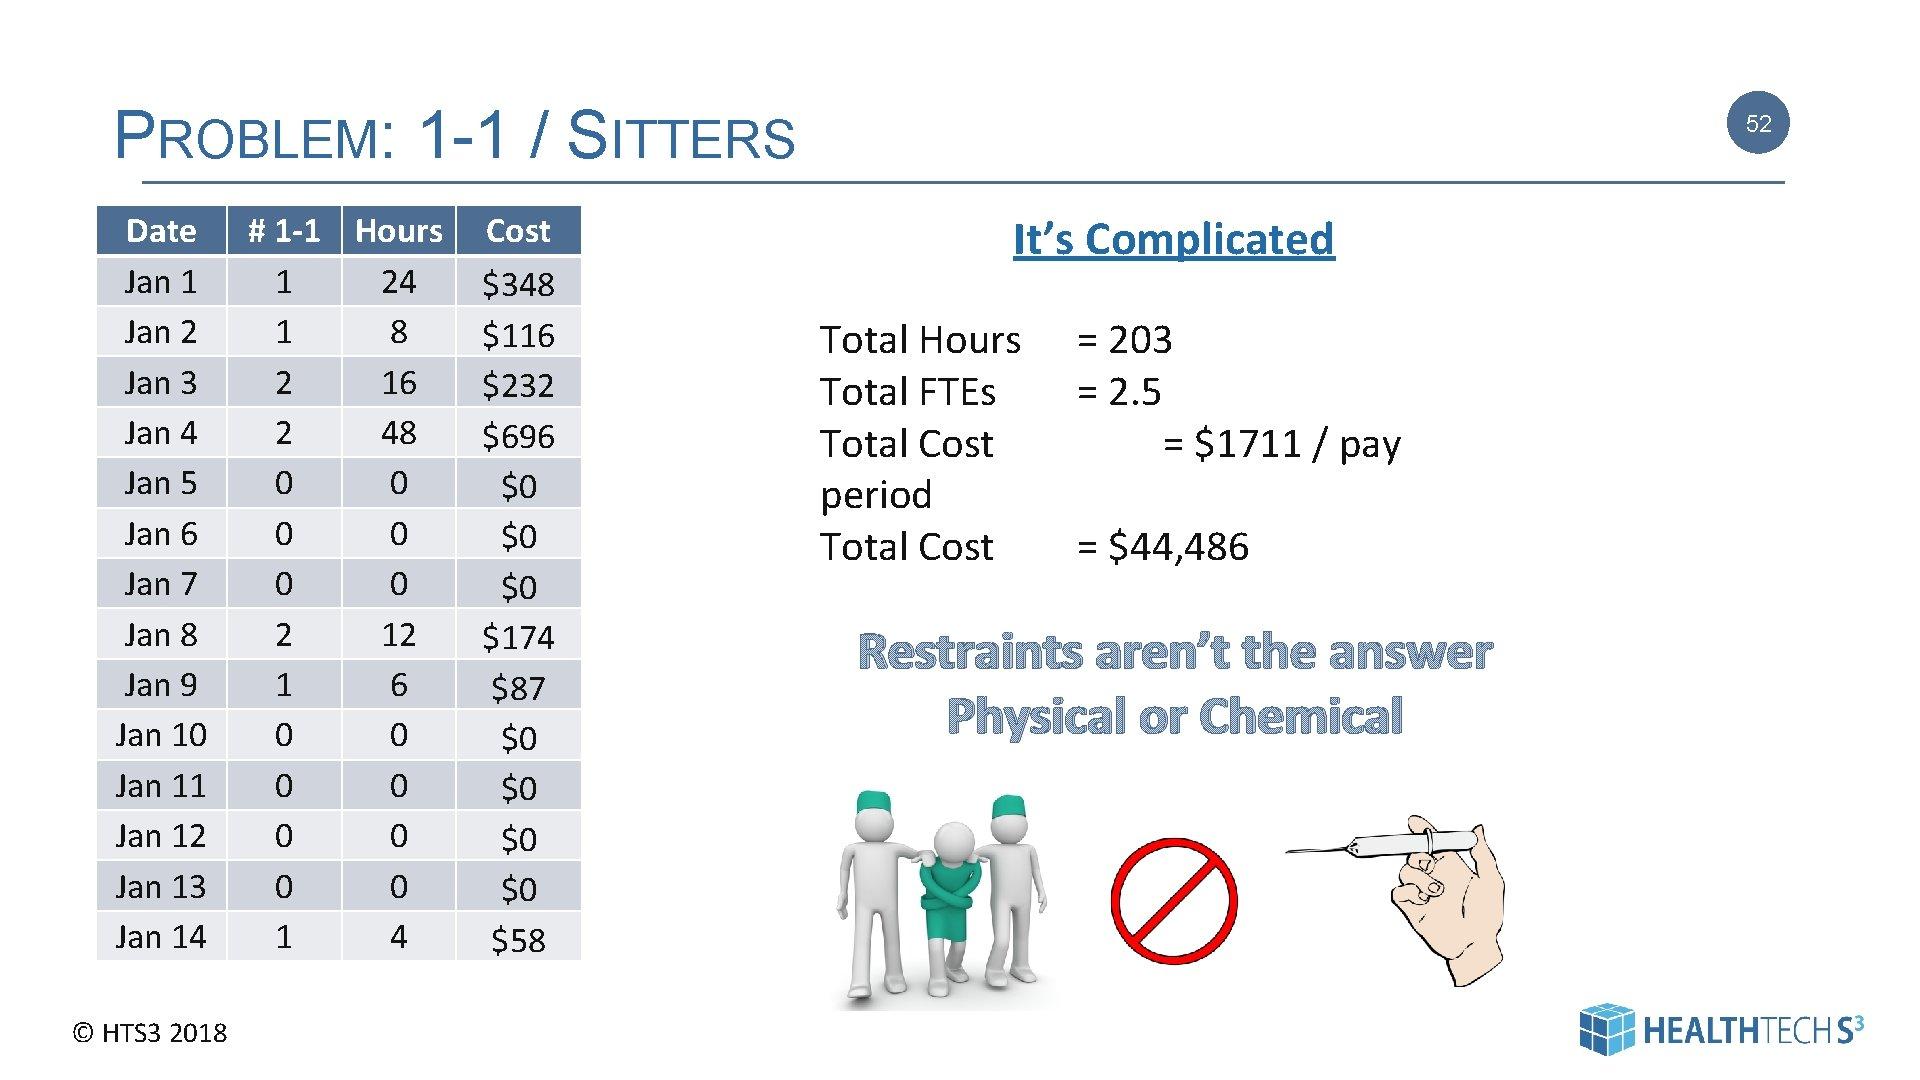 PROBLEM: 1 -1 / SITTERS Date Jan 1 Jan 2 Jan 3 Jan 4